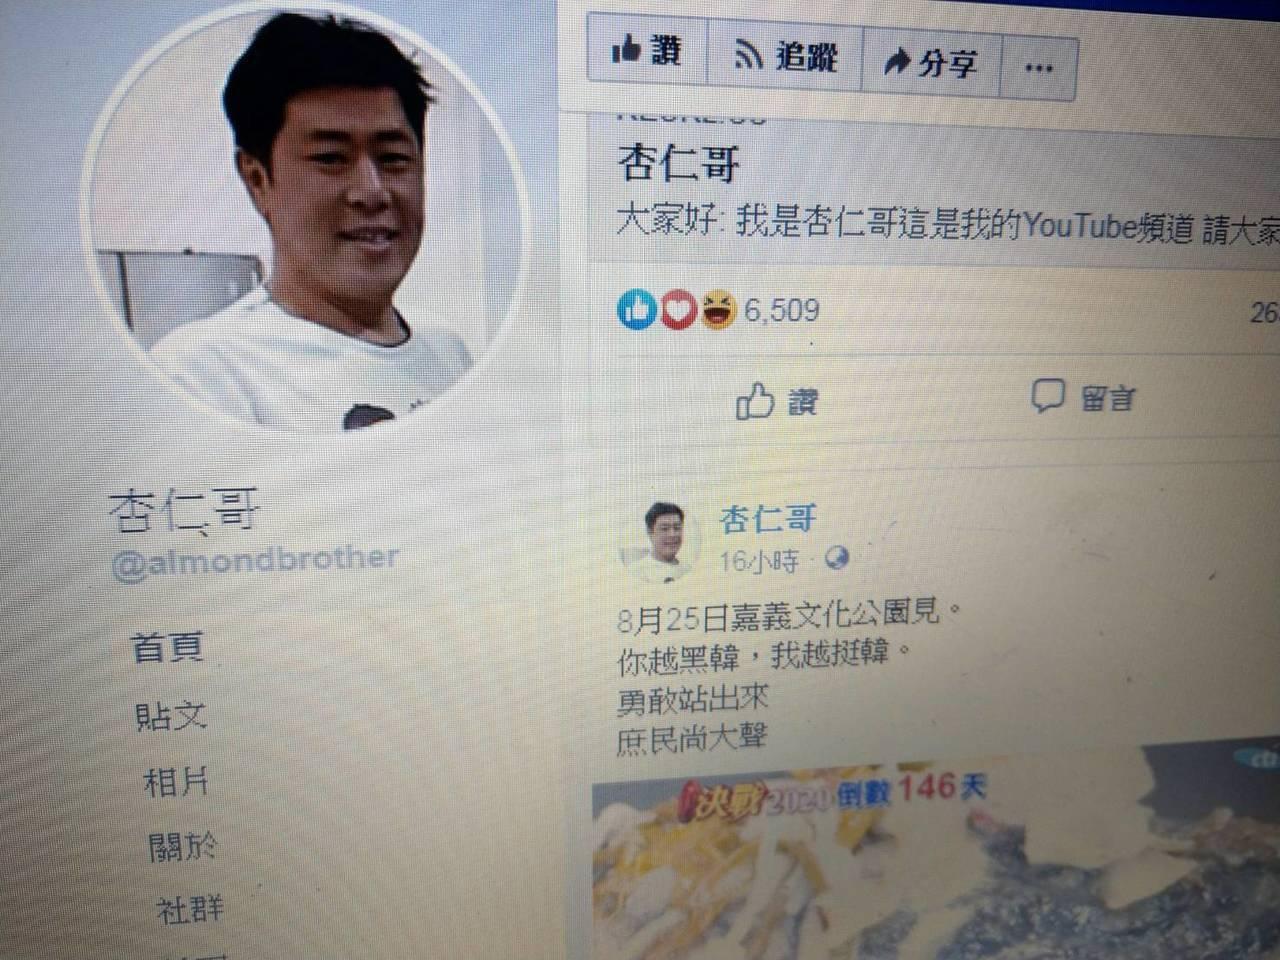 杏仁哥在臉書發起25日到嘉義為韓國瑜造勢。記者謝梅芬/攝影